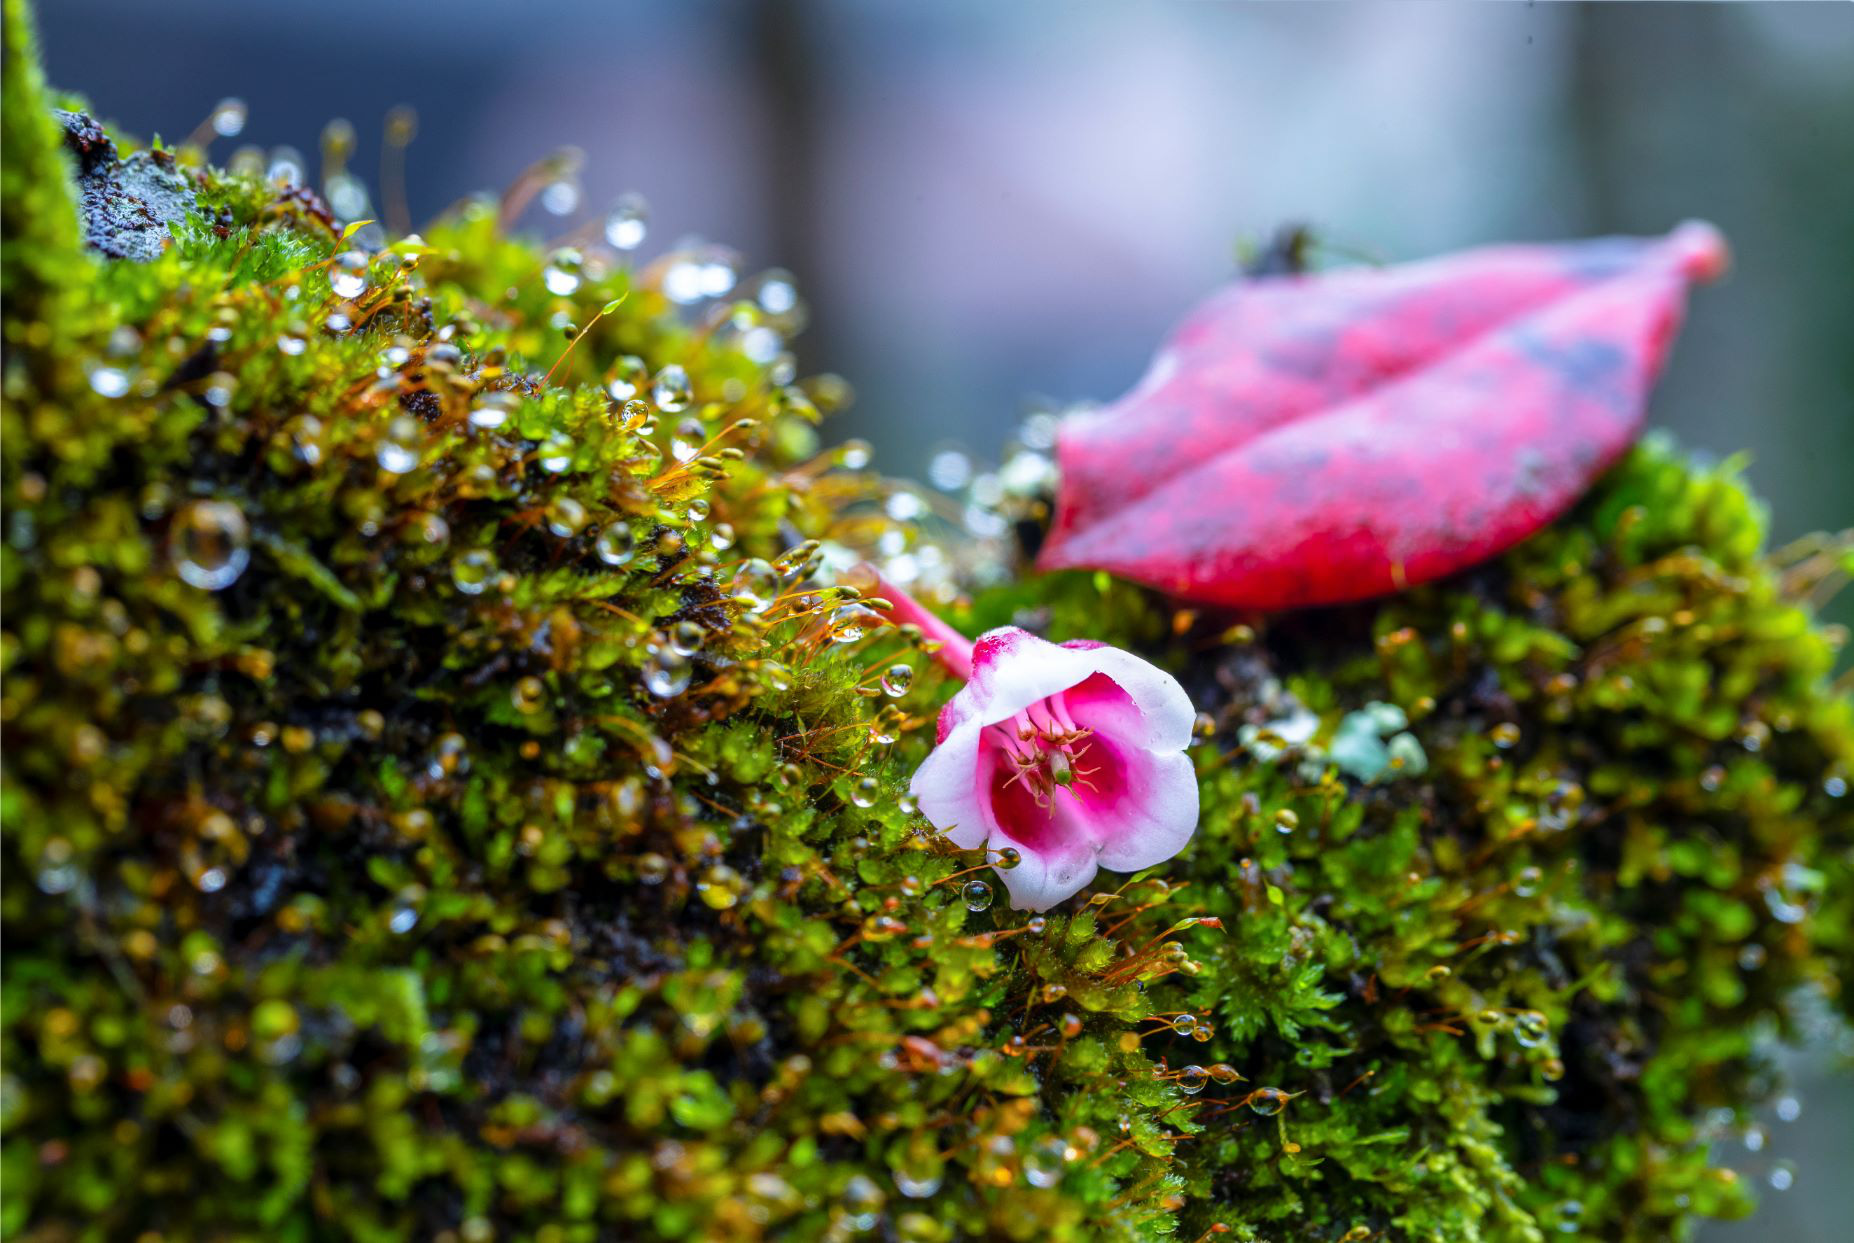 Chiêm ngưỡng hoa đào chuông độc đáo trên đỉnh Bà Nà - Ảnh 3.